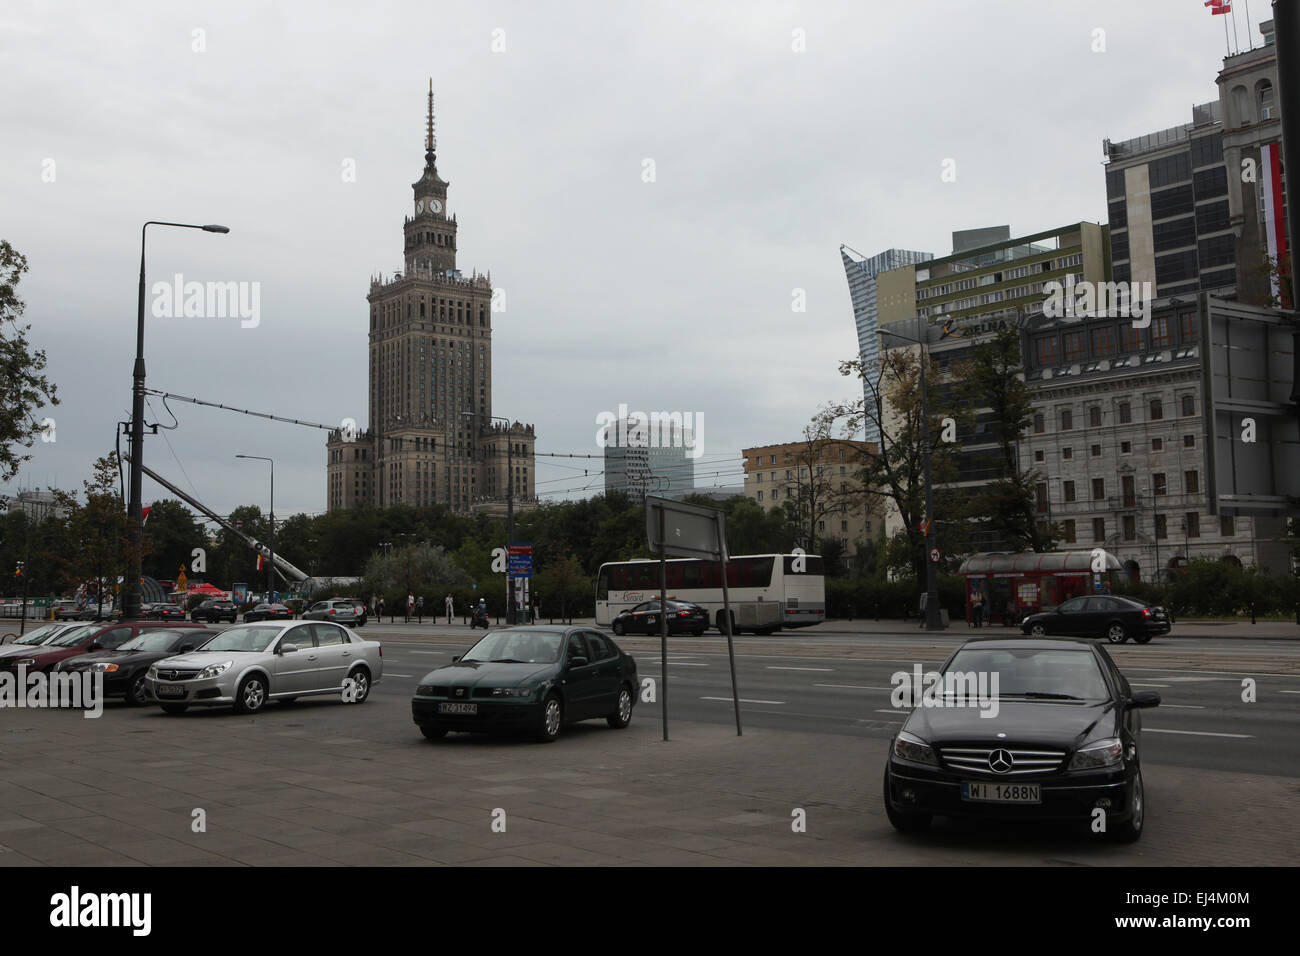 Palacio de la cultura y la ciencia en Varsovia, Polonia. Imagen De Stock